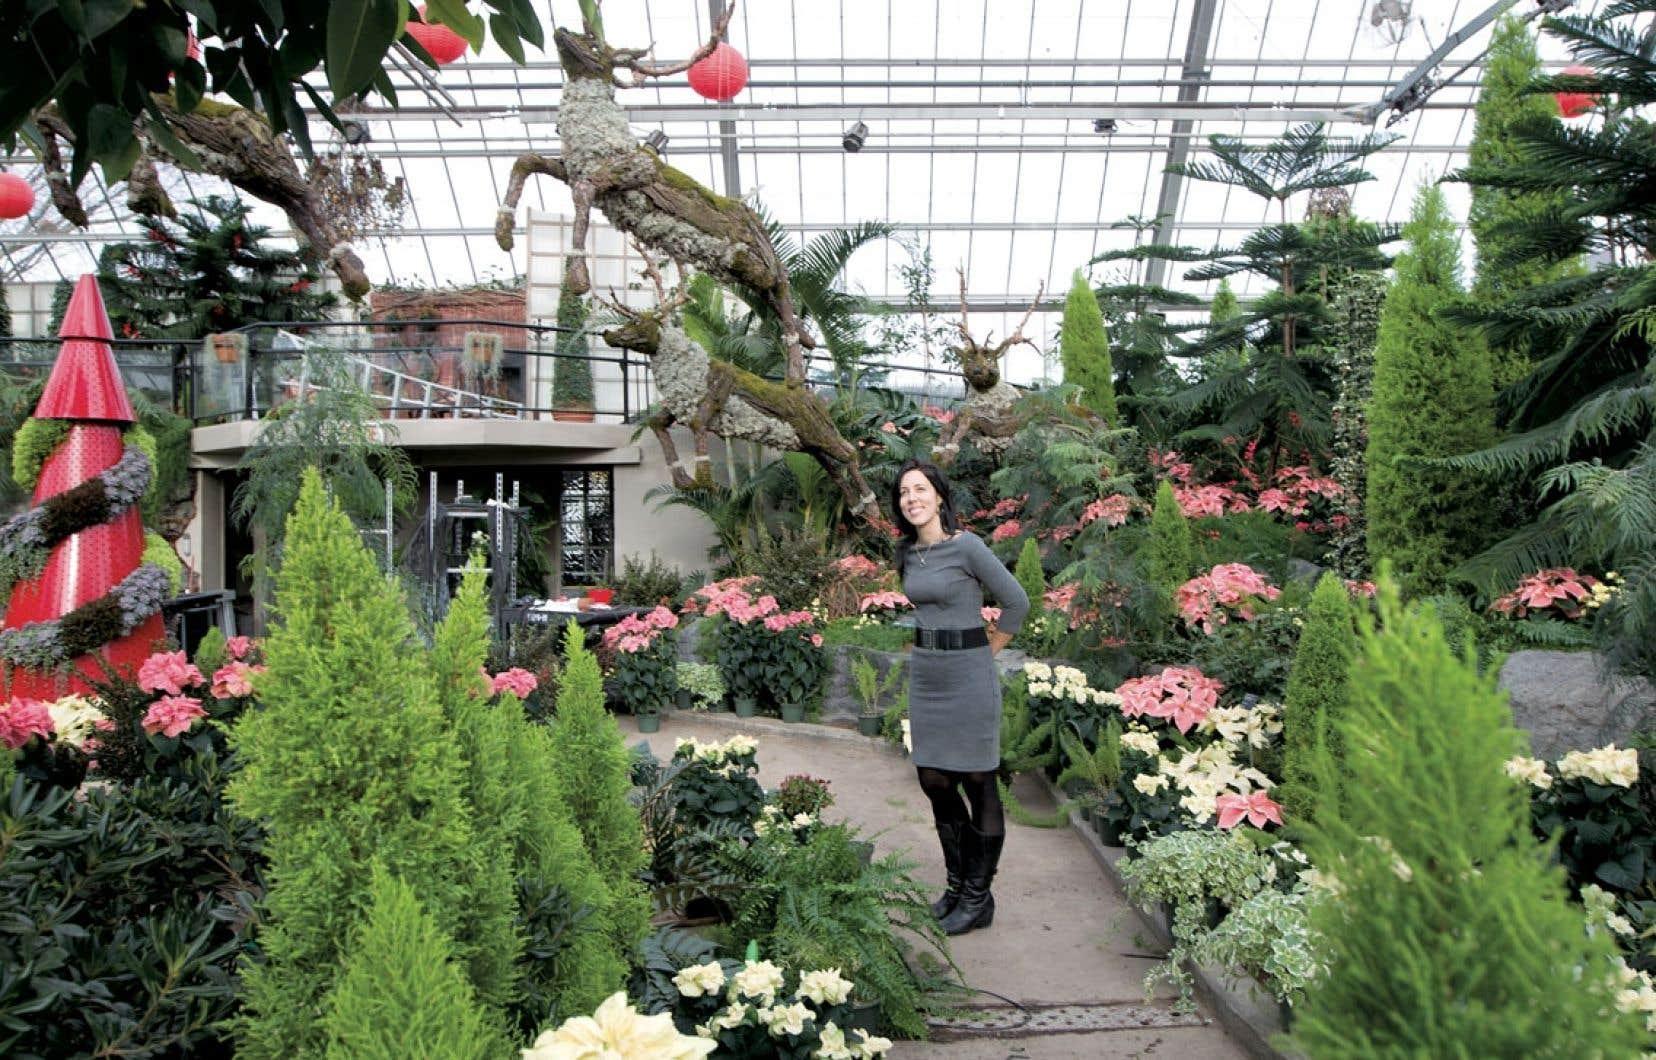 Les visiteurs de Noël s'expose avec panache, au Jardin botanique de Montréal, pourront déambuler dans une végétation luxuriante où les poinsettias côtoient les conifères.